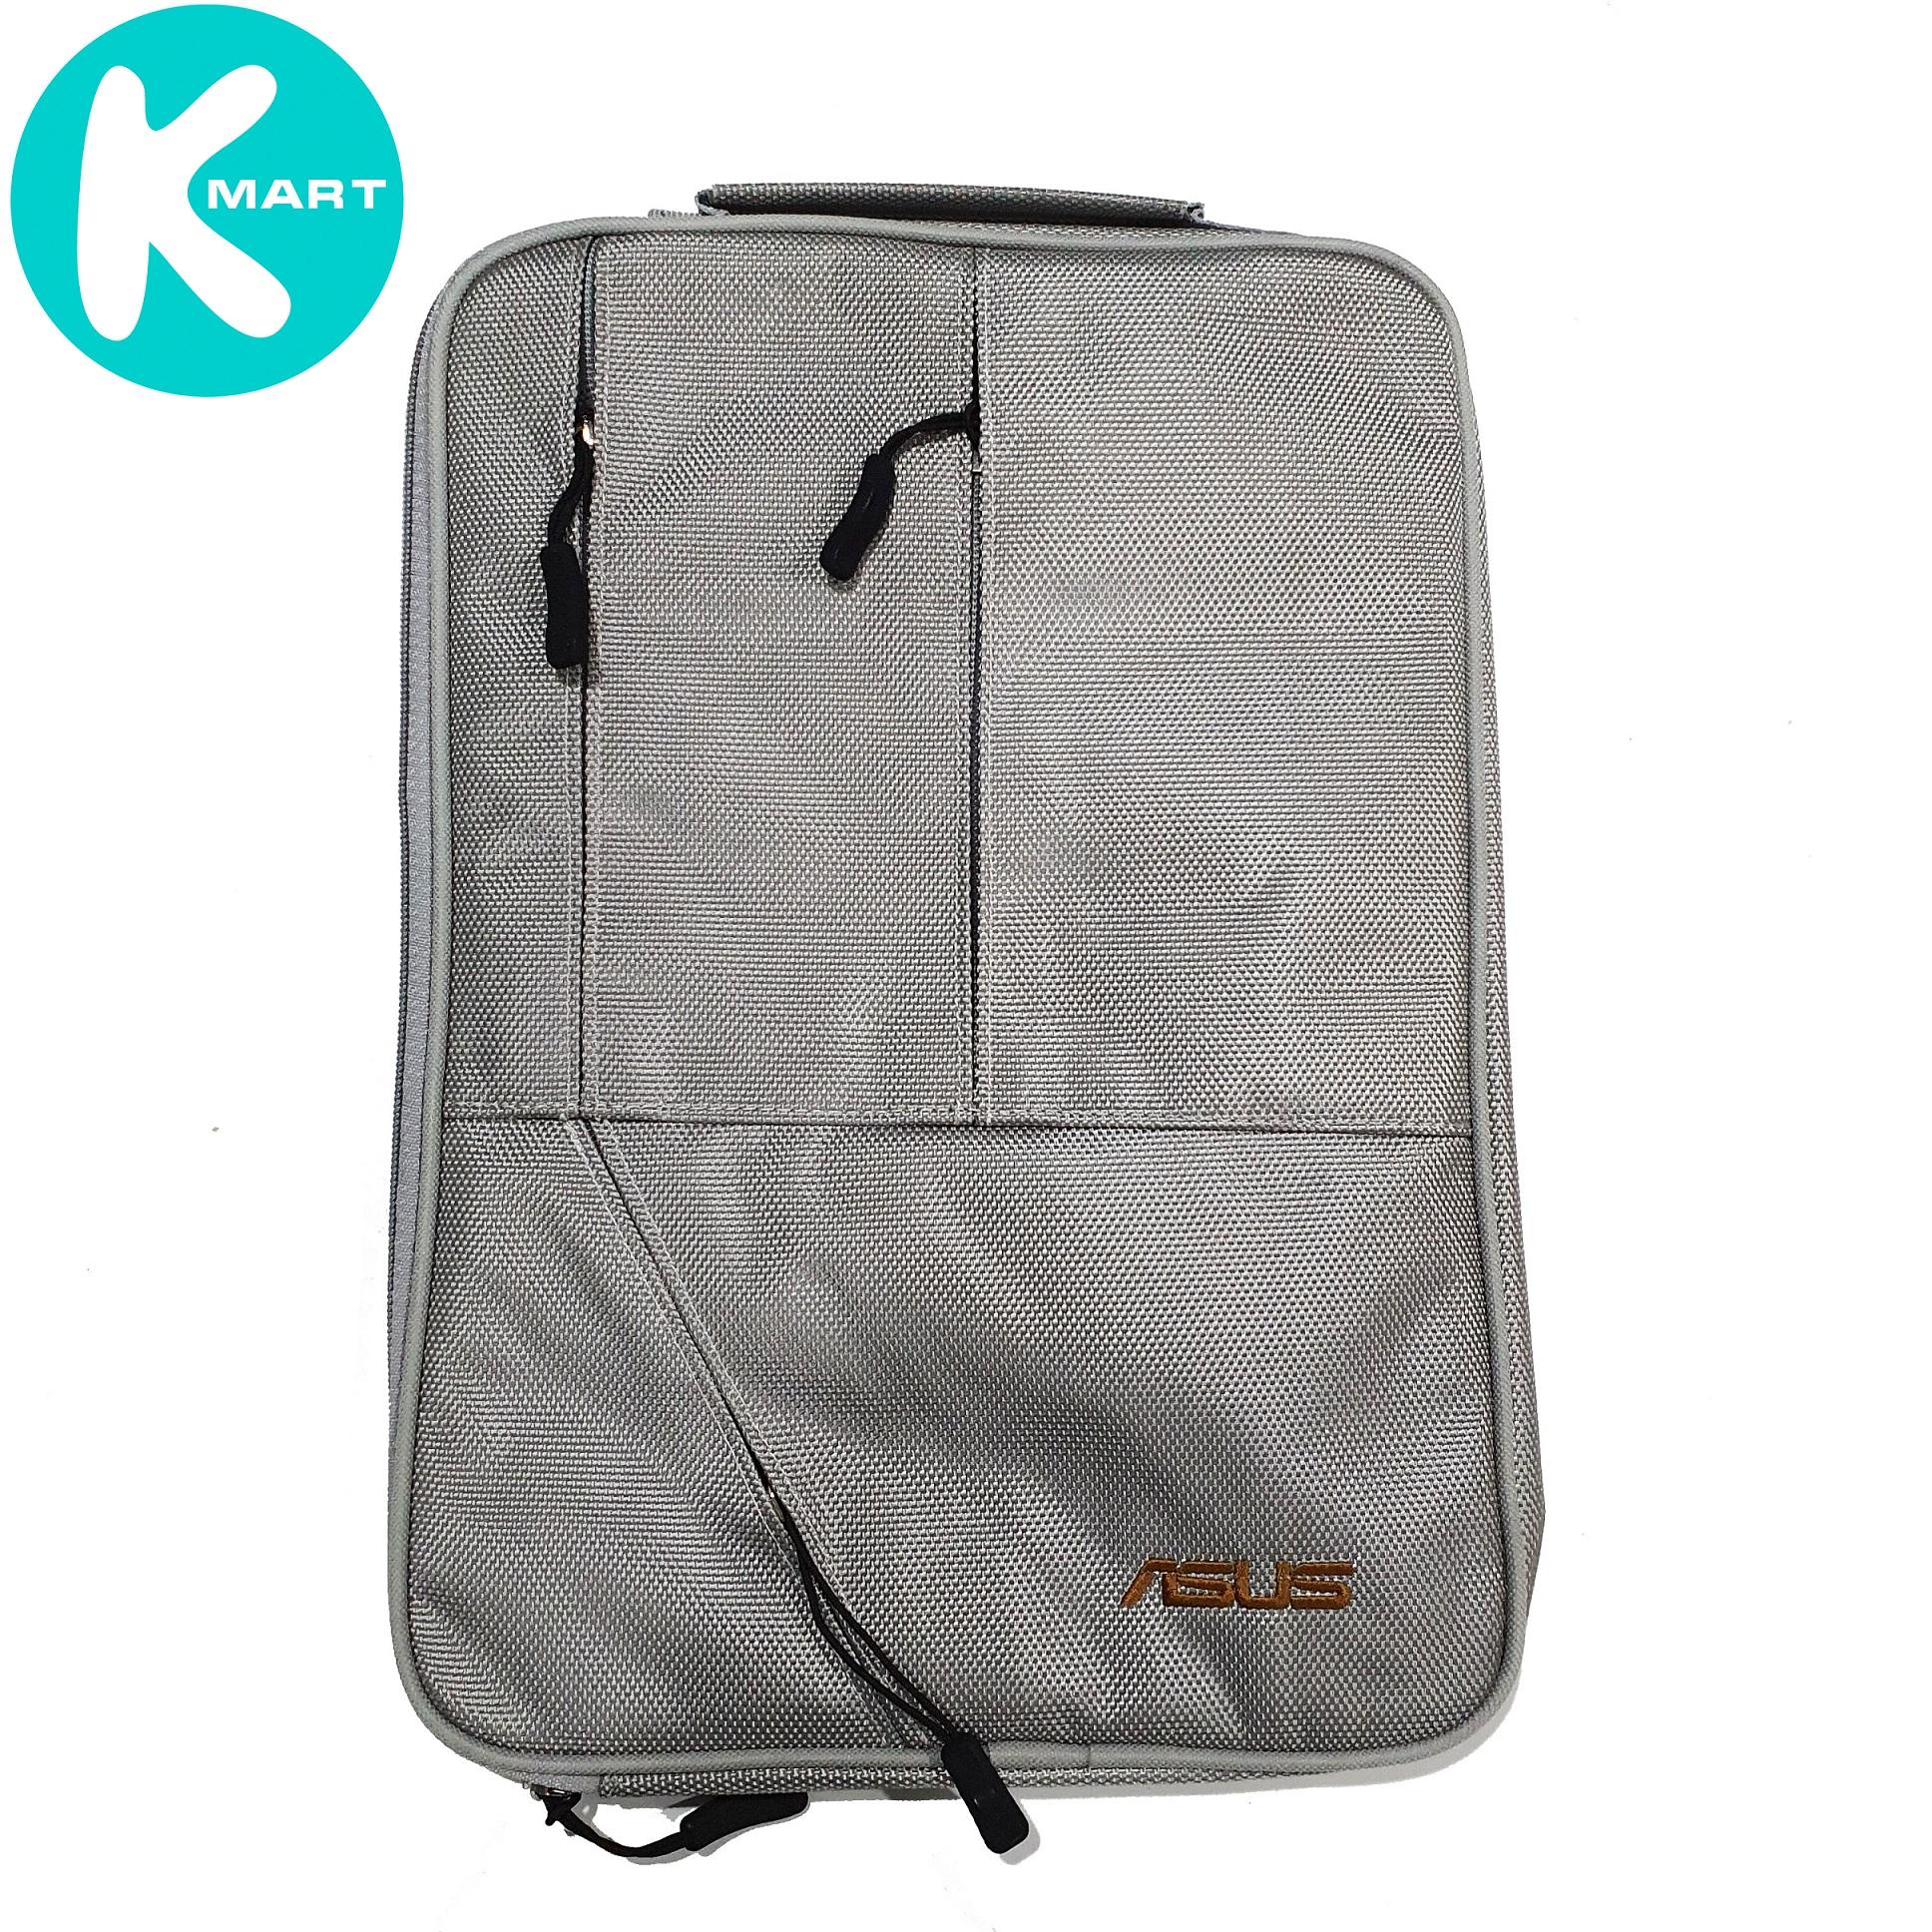 Túi chống sốc laptop Asus 13 inch - Hàng Chính Hãng